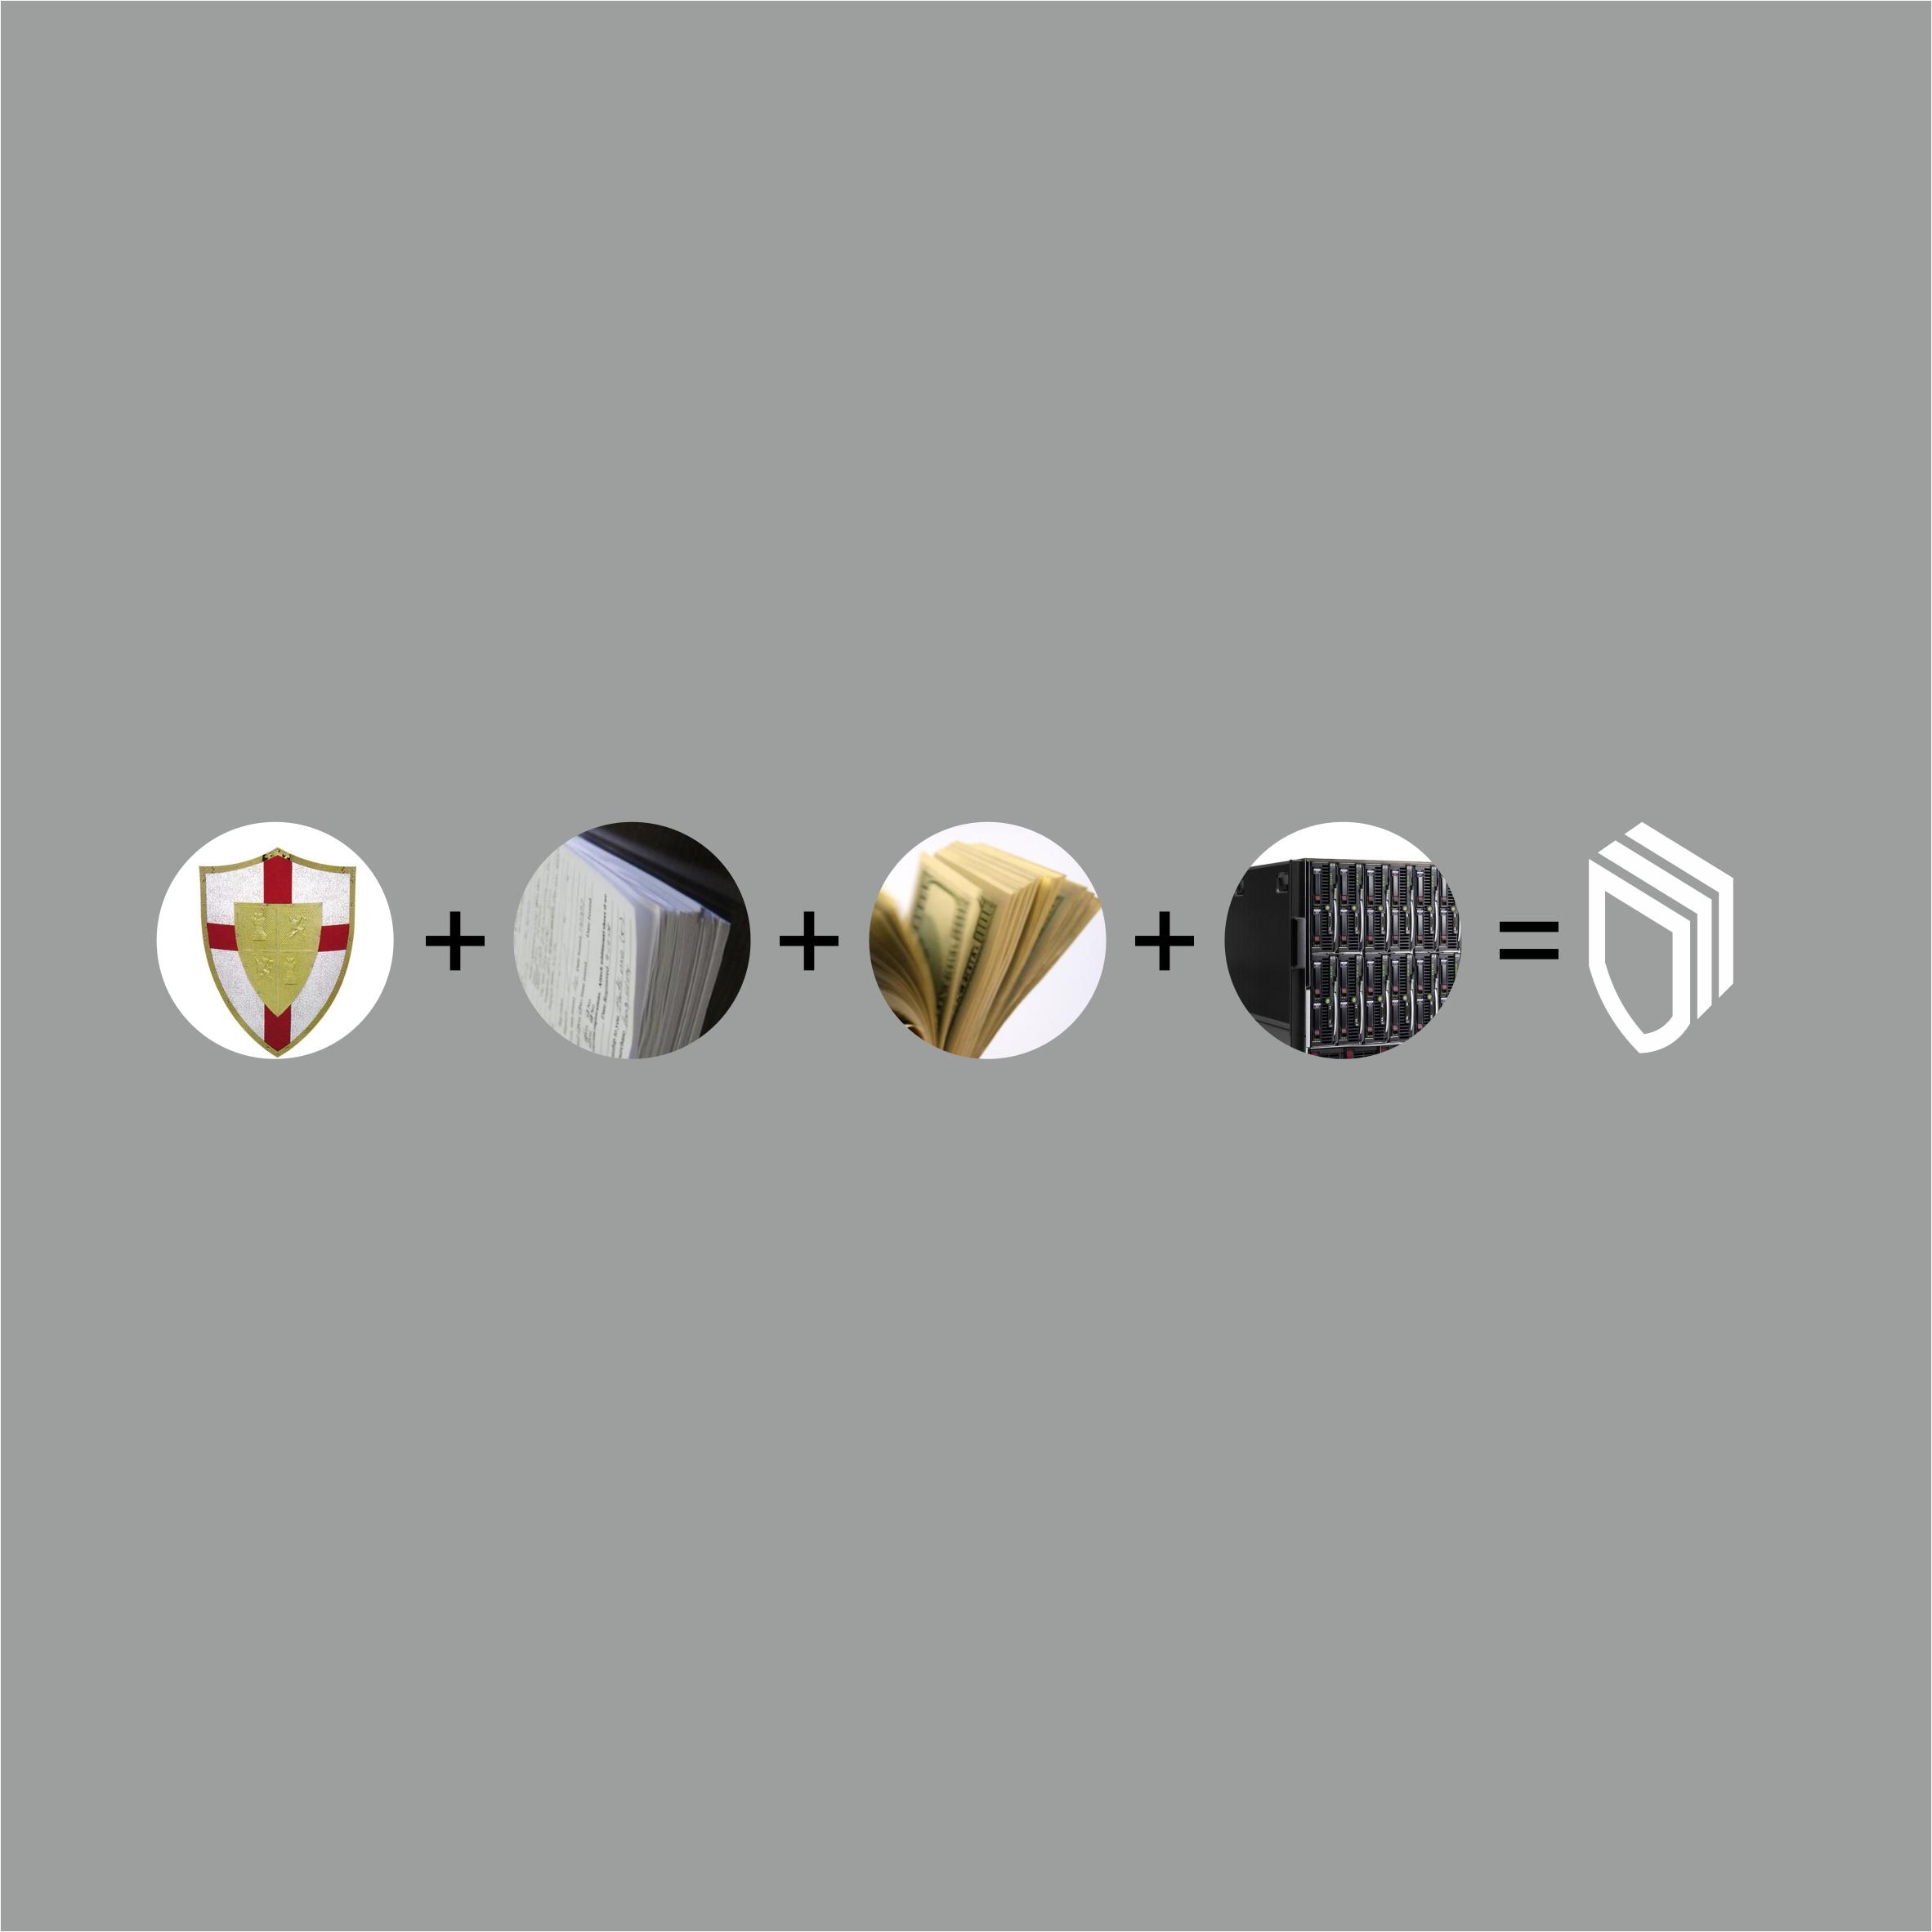 Логотип + Визитка Портала безопасных сделок фото f_6405360ee469ccd9.jpg